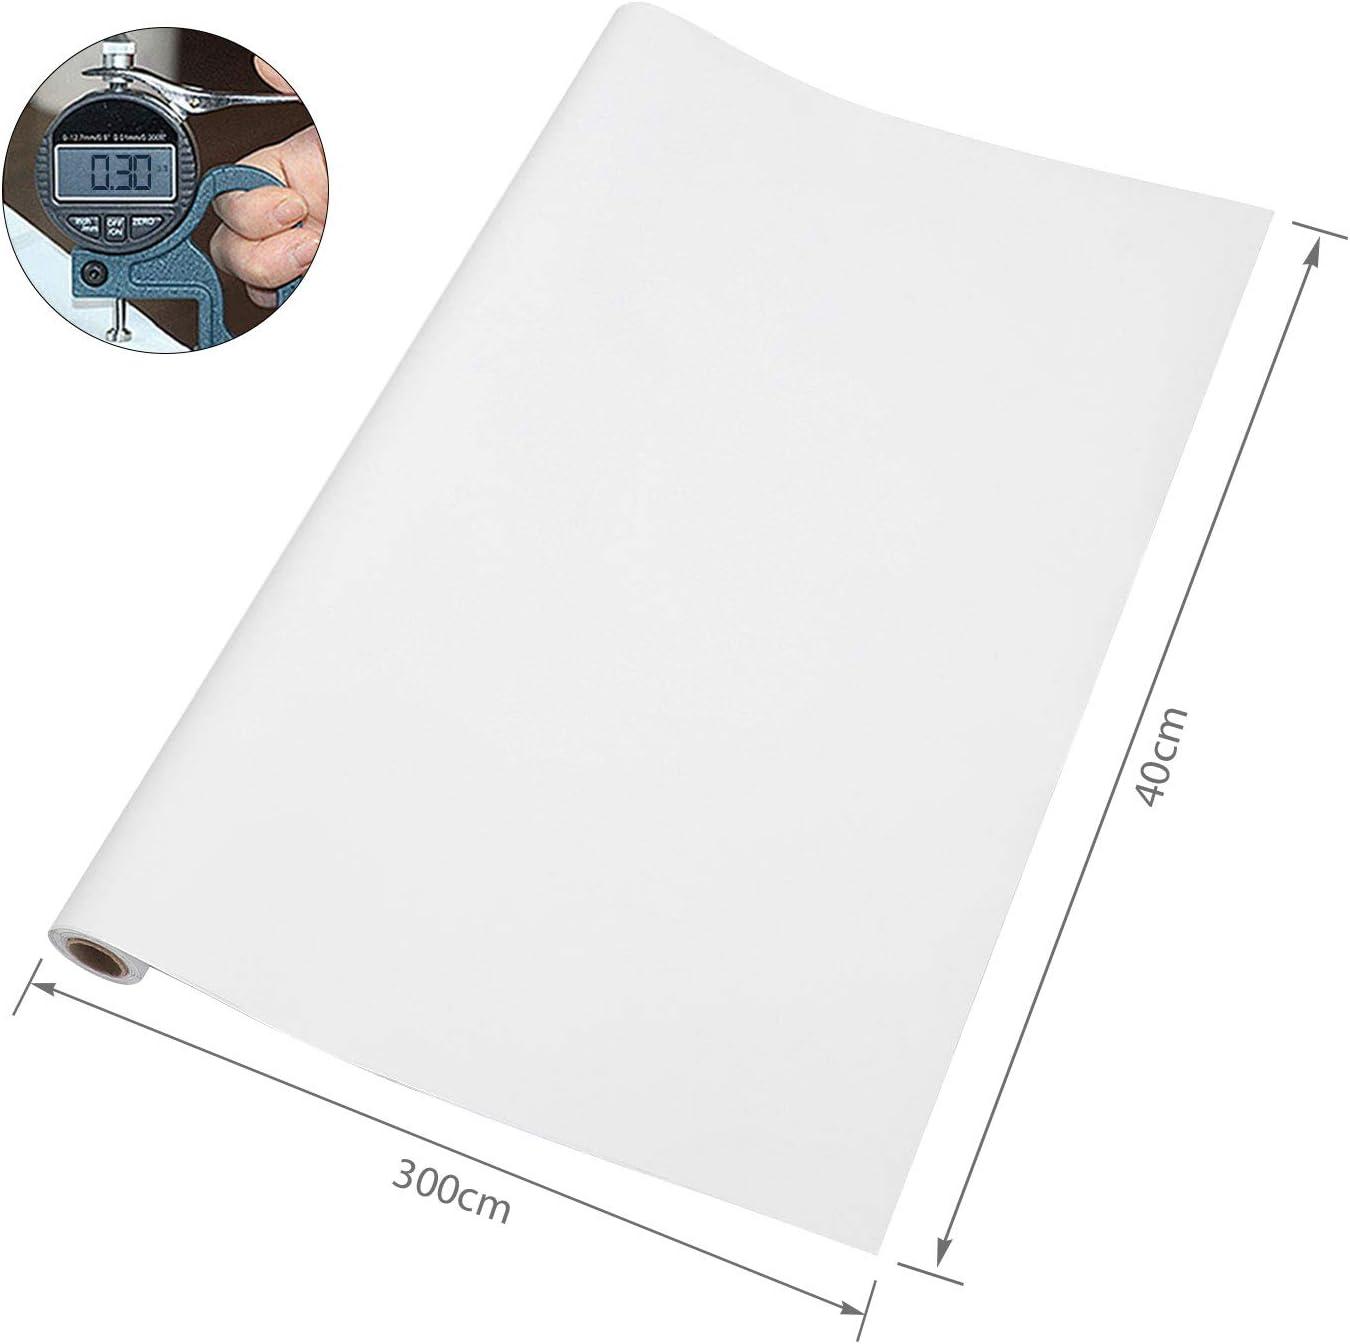 Imperm/éable aux rayures Pour mur//meubles//cuisine Uni Film autocollant pour meubles Pour armoire de cuisine KINLO Papier Adhesif pour Meuble peint blanc mat 40 x 300 cm En PVC